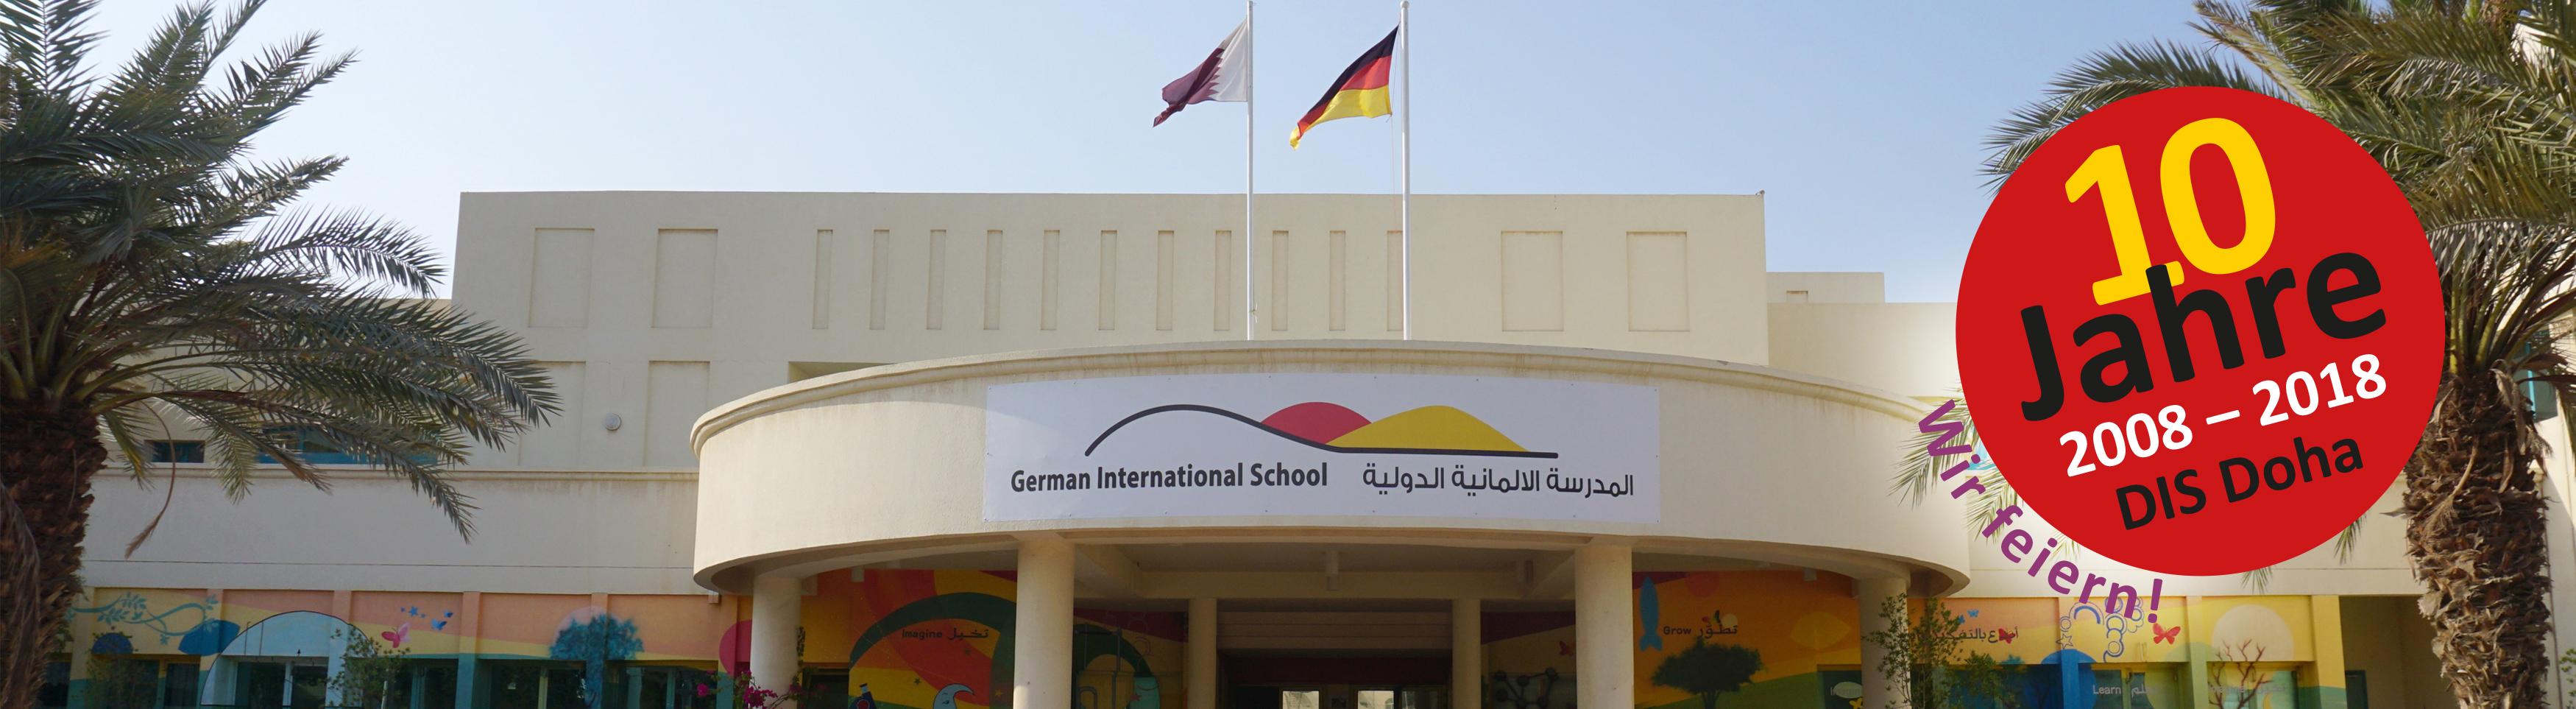 2schule_slider-181-DE